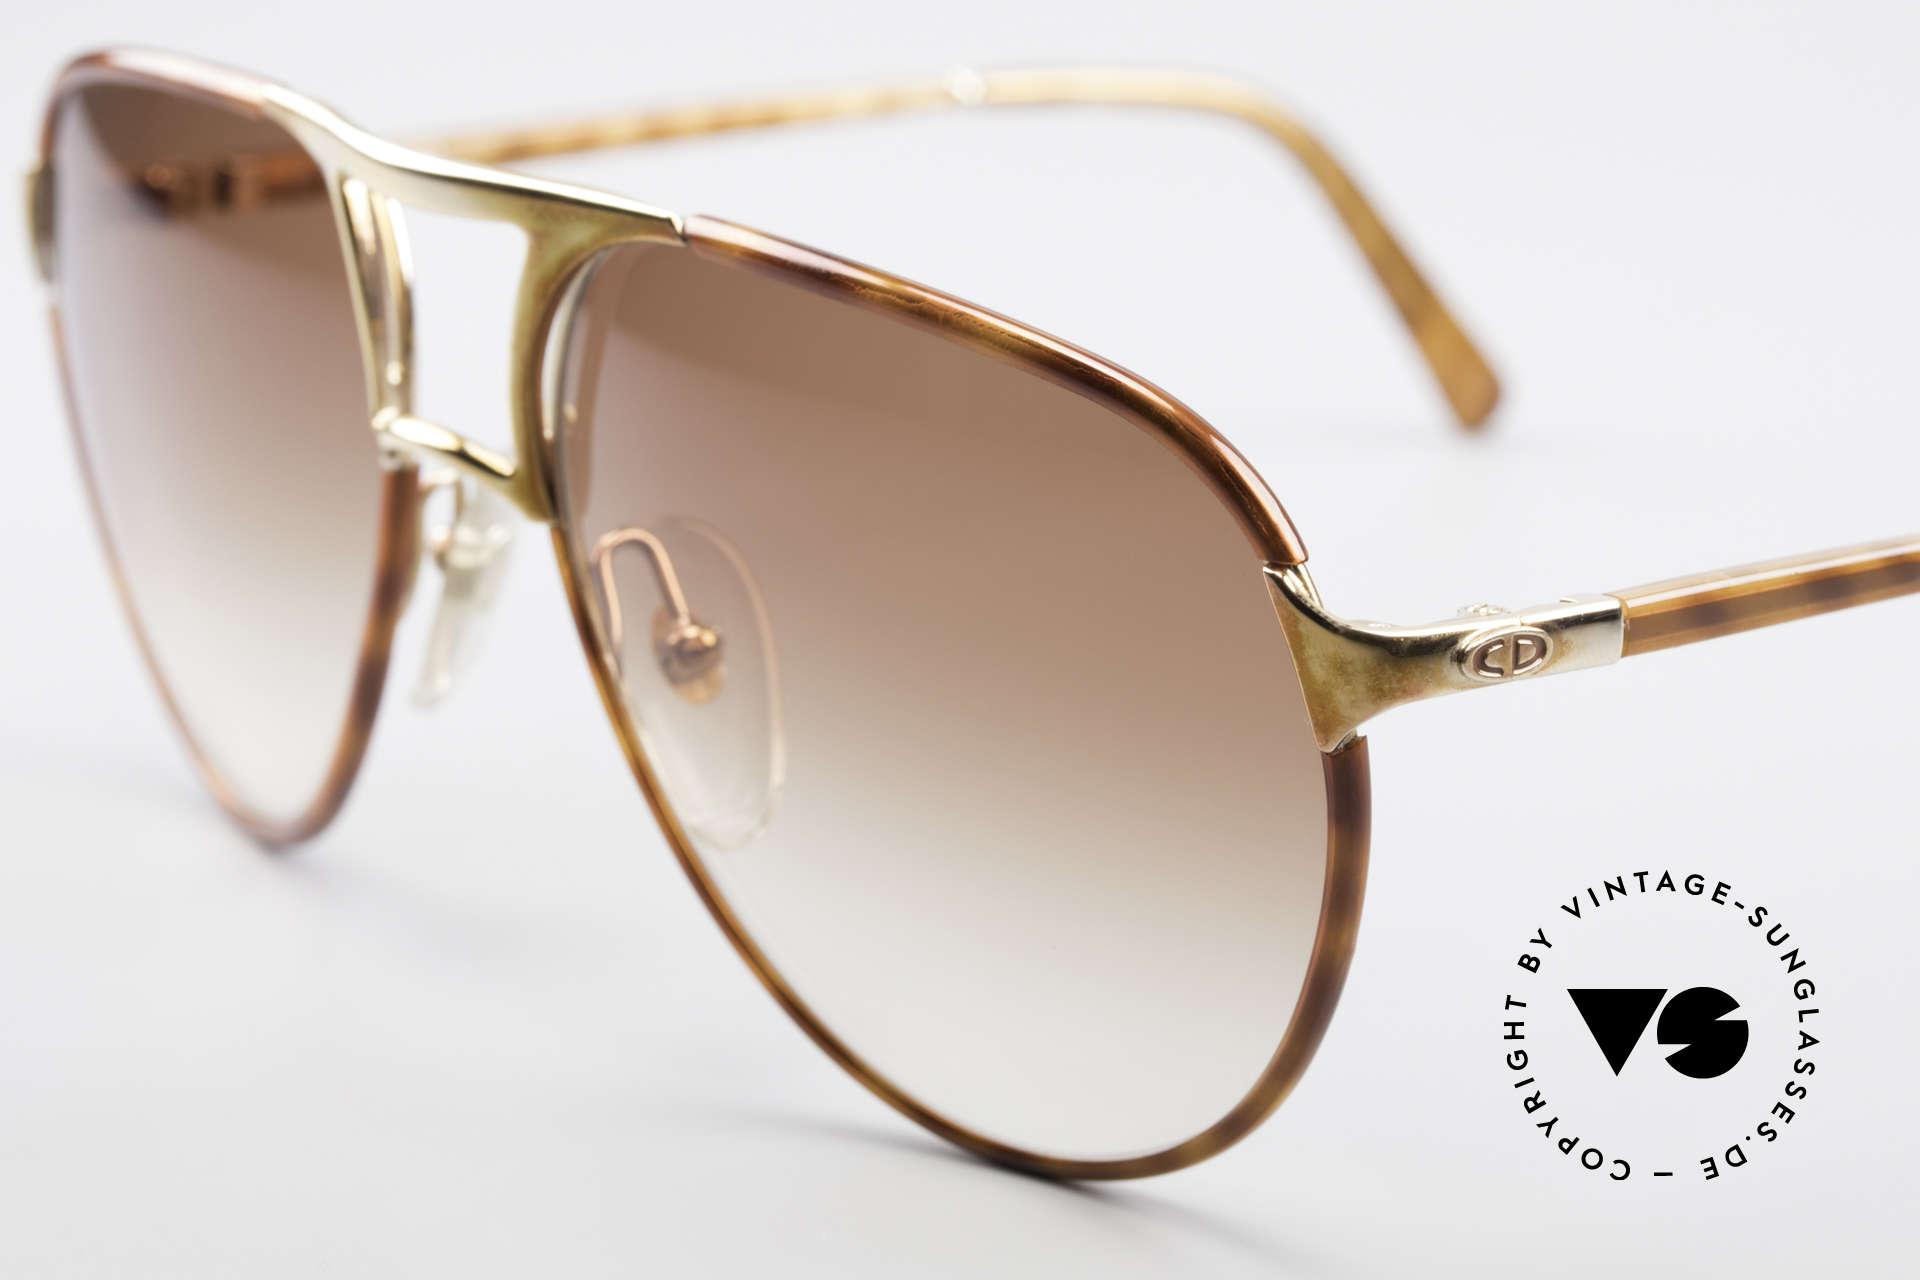 Christian Dior 2505 Designer Aviator Sonnenbrille, vergoldete Metallkomponenten; 100% UV Schutz, Passend für Herren